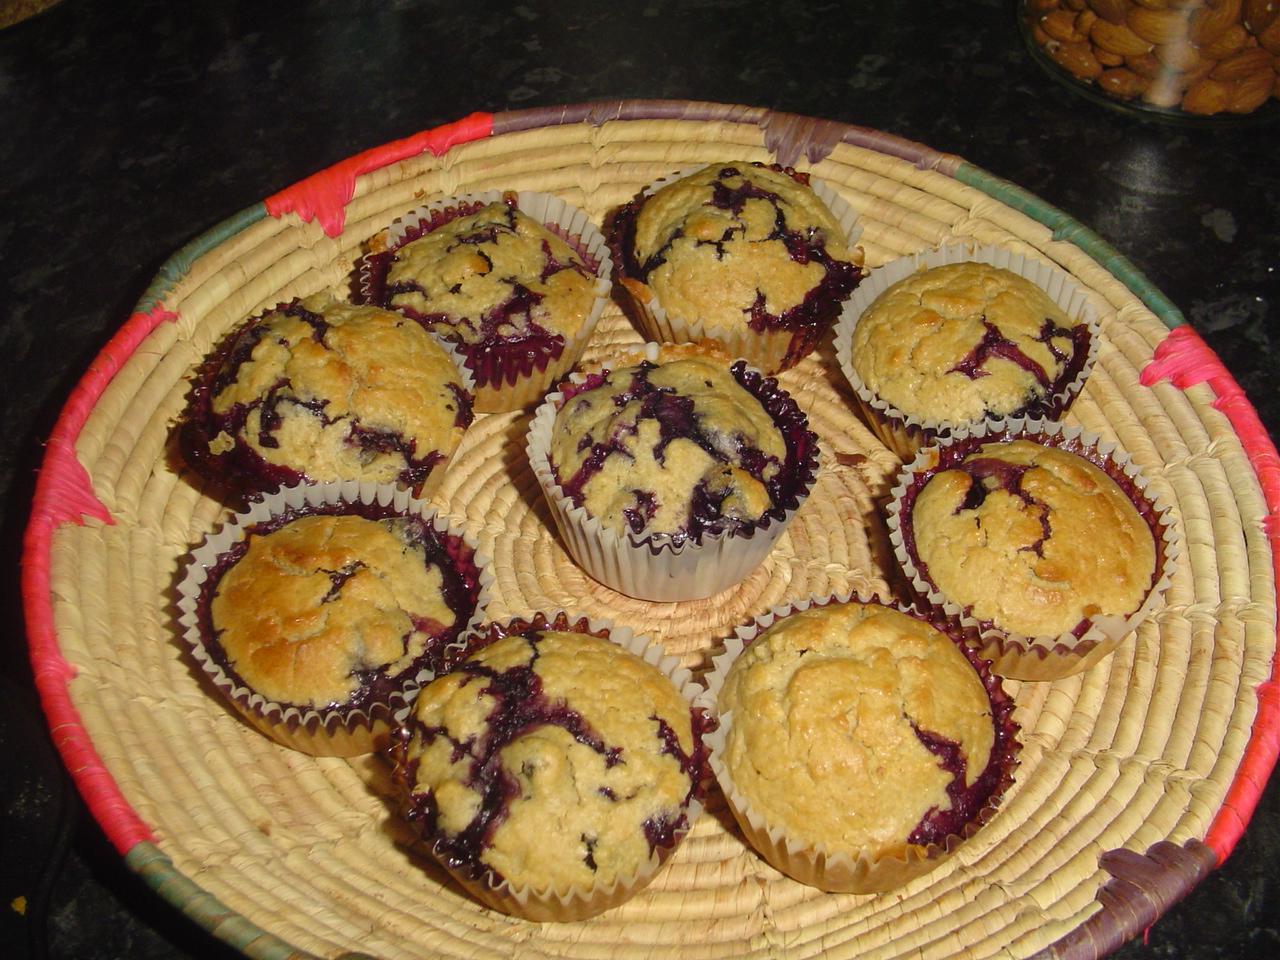 http://1.bp.blogspot.com/-YEqiO7F6DEE/UOQDAB-BwrI/AAAAAAAAAWE/H4nJfse1X4M/s1600/Barley+Blueberry+Muffins.JPG